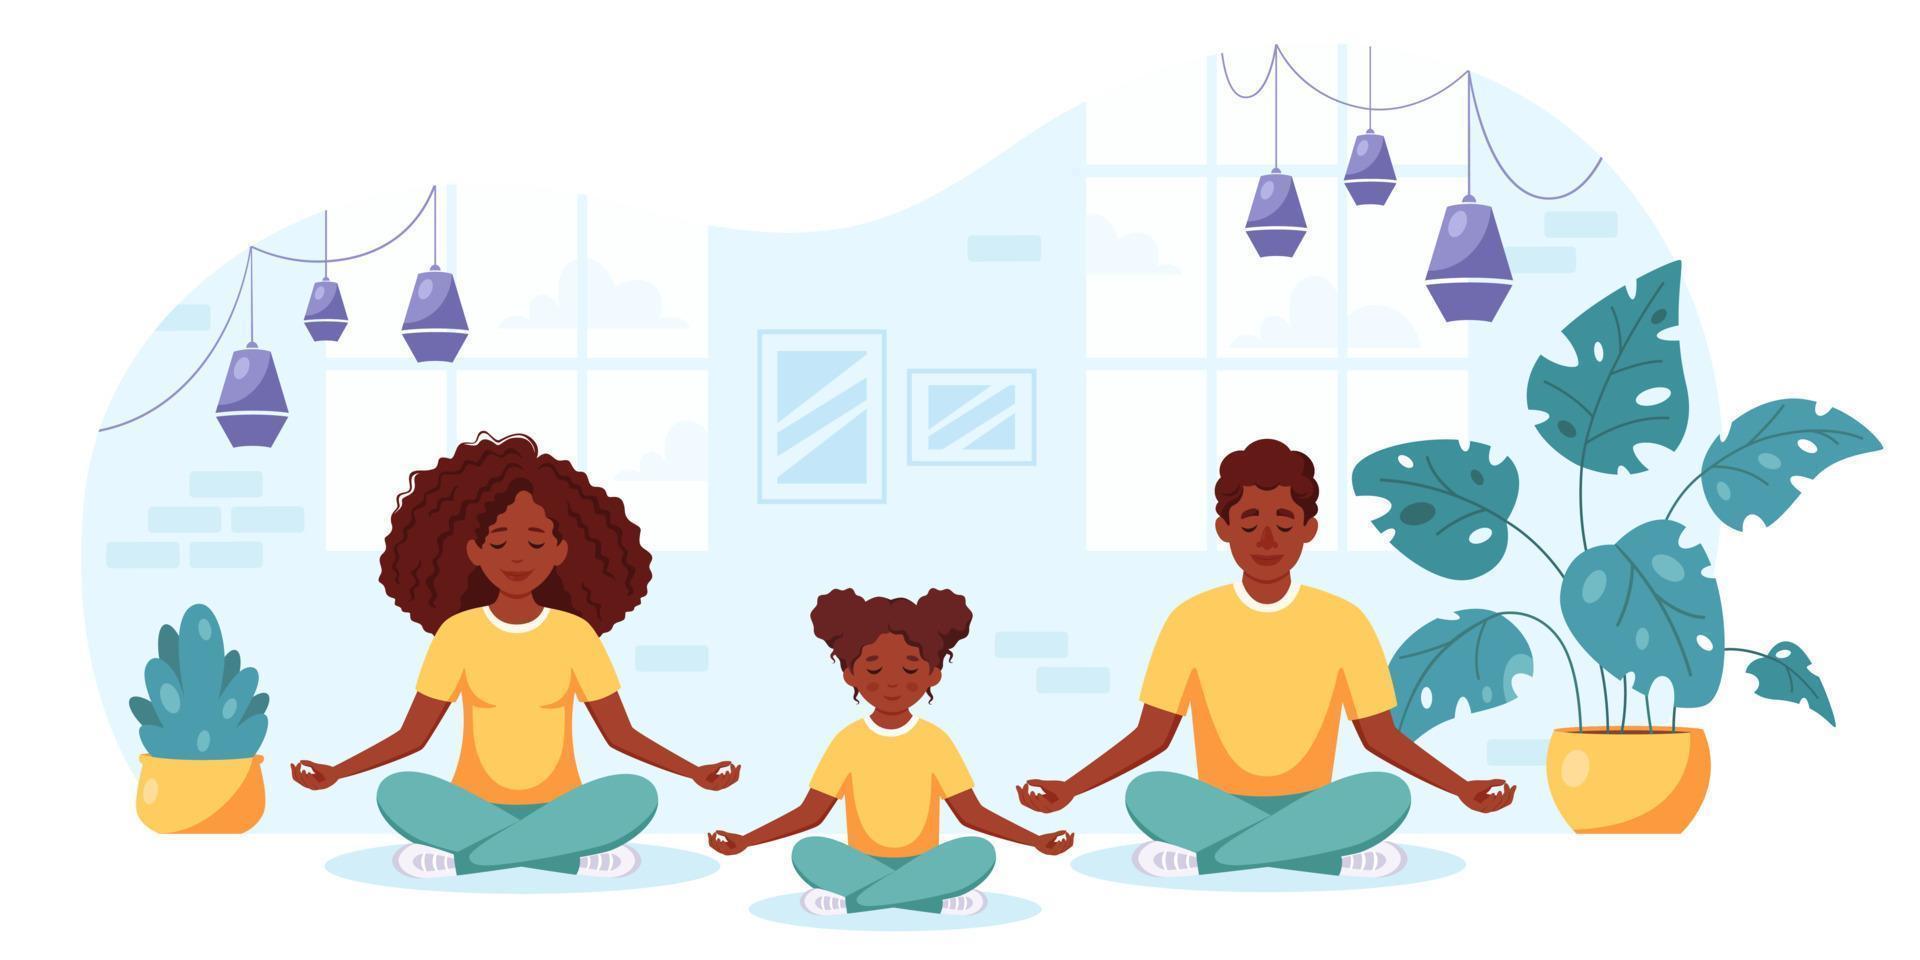 família negra fazendo ioga em um interior aconchegante. família passando um tempo juntos. vetor